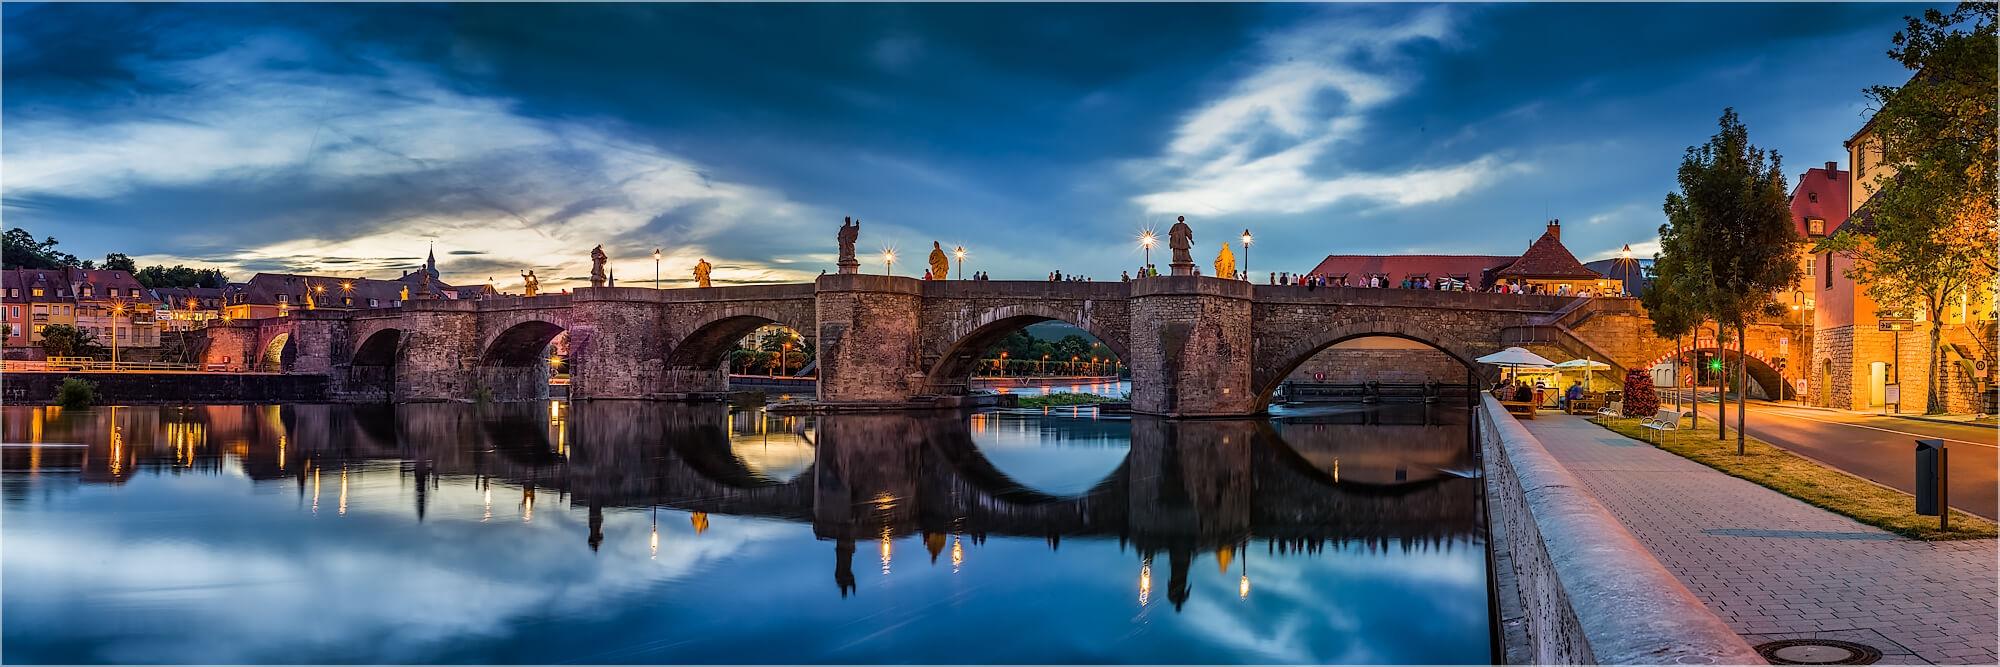 Panoramabild Würzburg an der alten Brücke